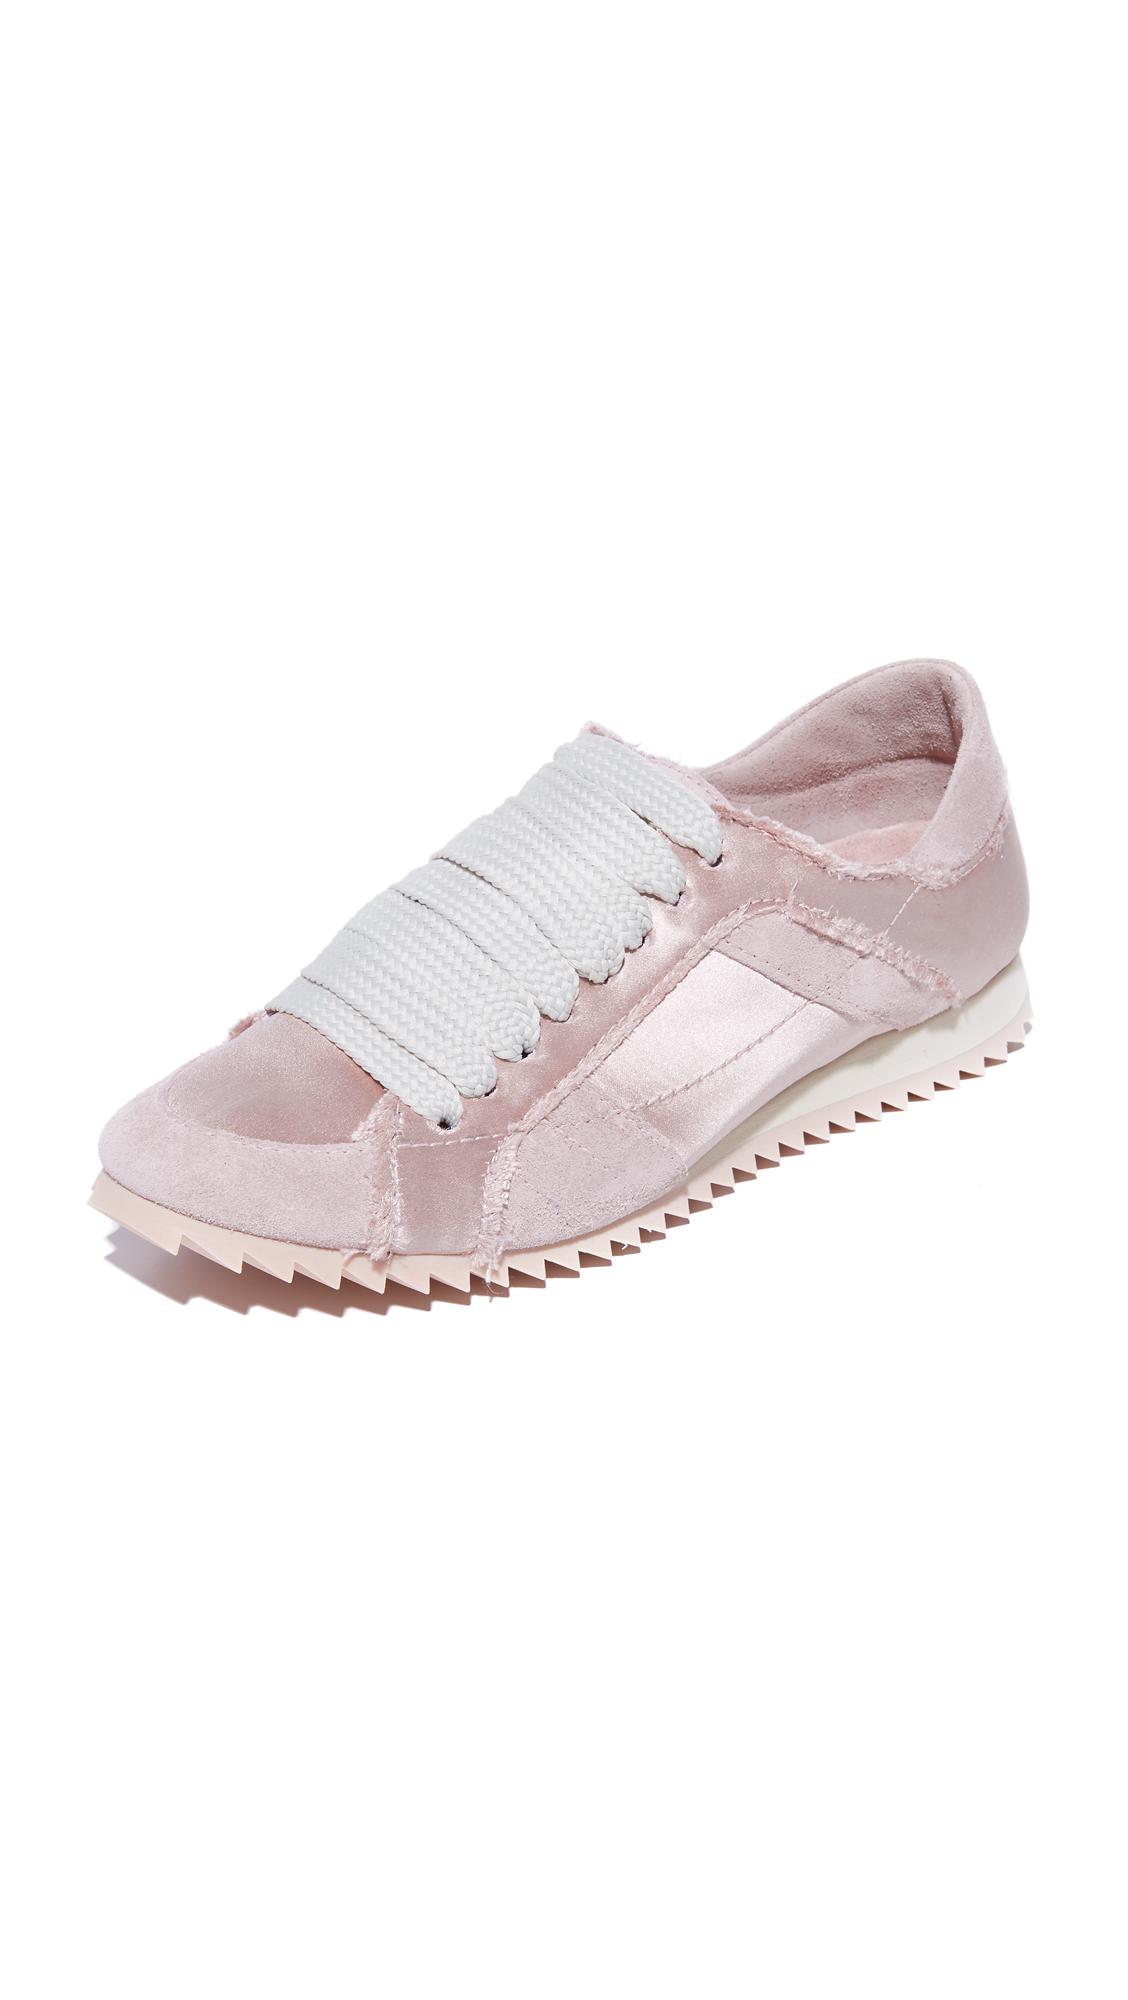 Pedro Garcia Cristina Sneakers - Chiffon